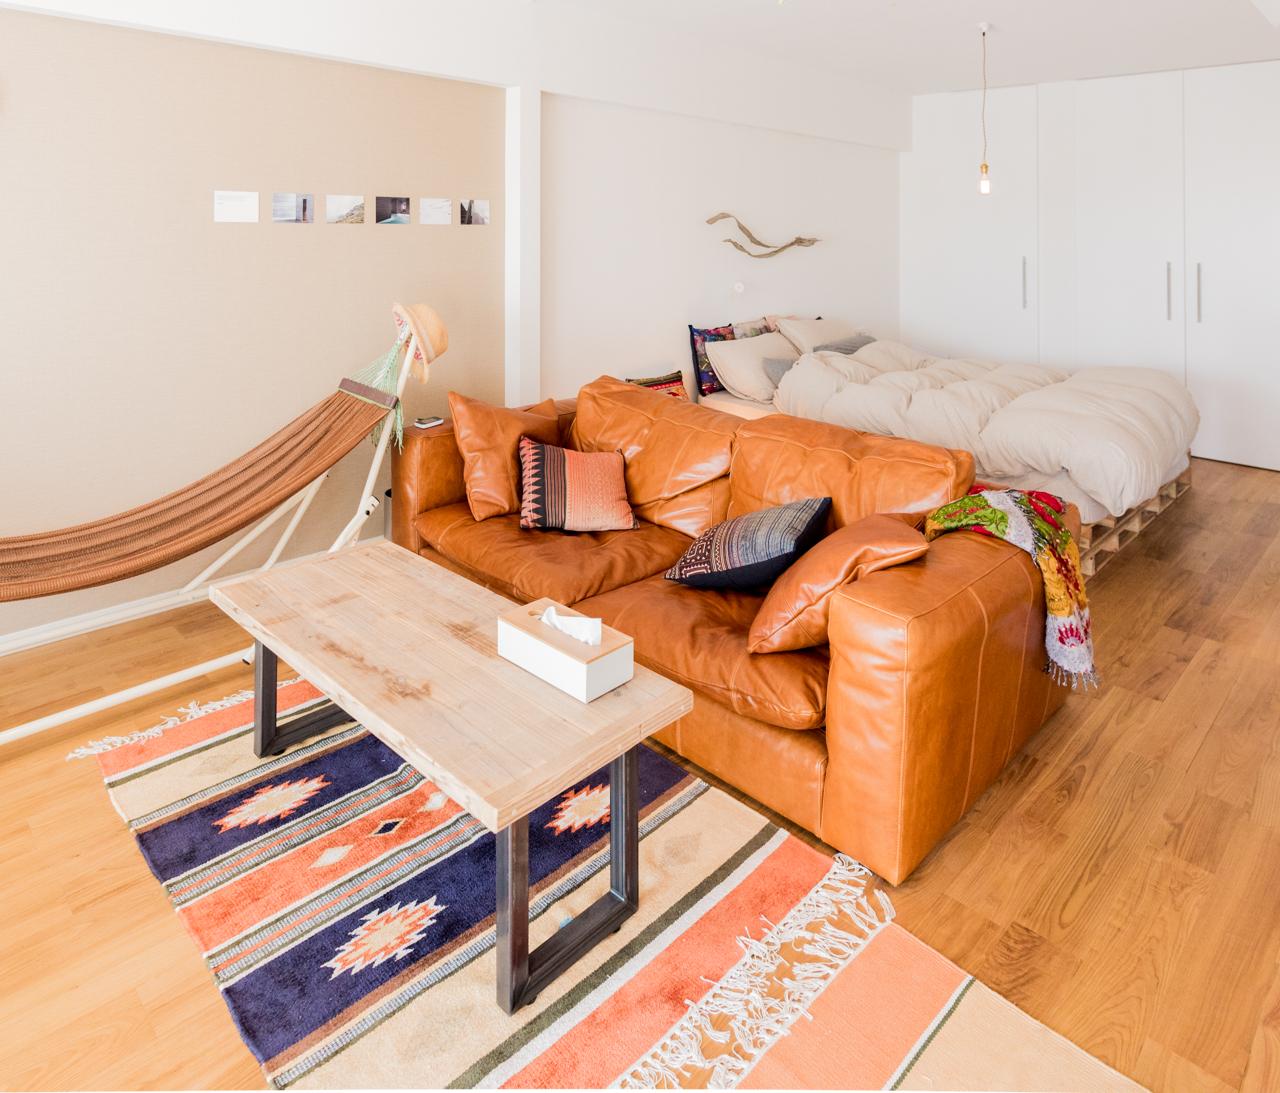 もともとは奥のベッドがある空間と、手前のソファとテーブルがあるスペースは別の空間だった。リノベされて広々としたワンルームに。